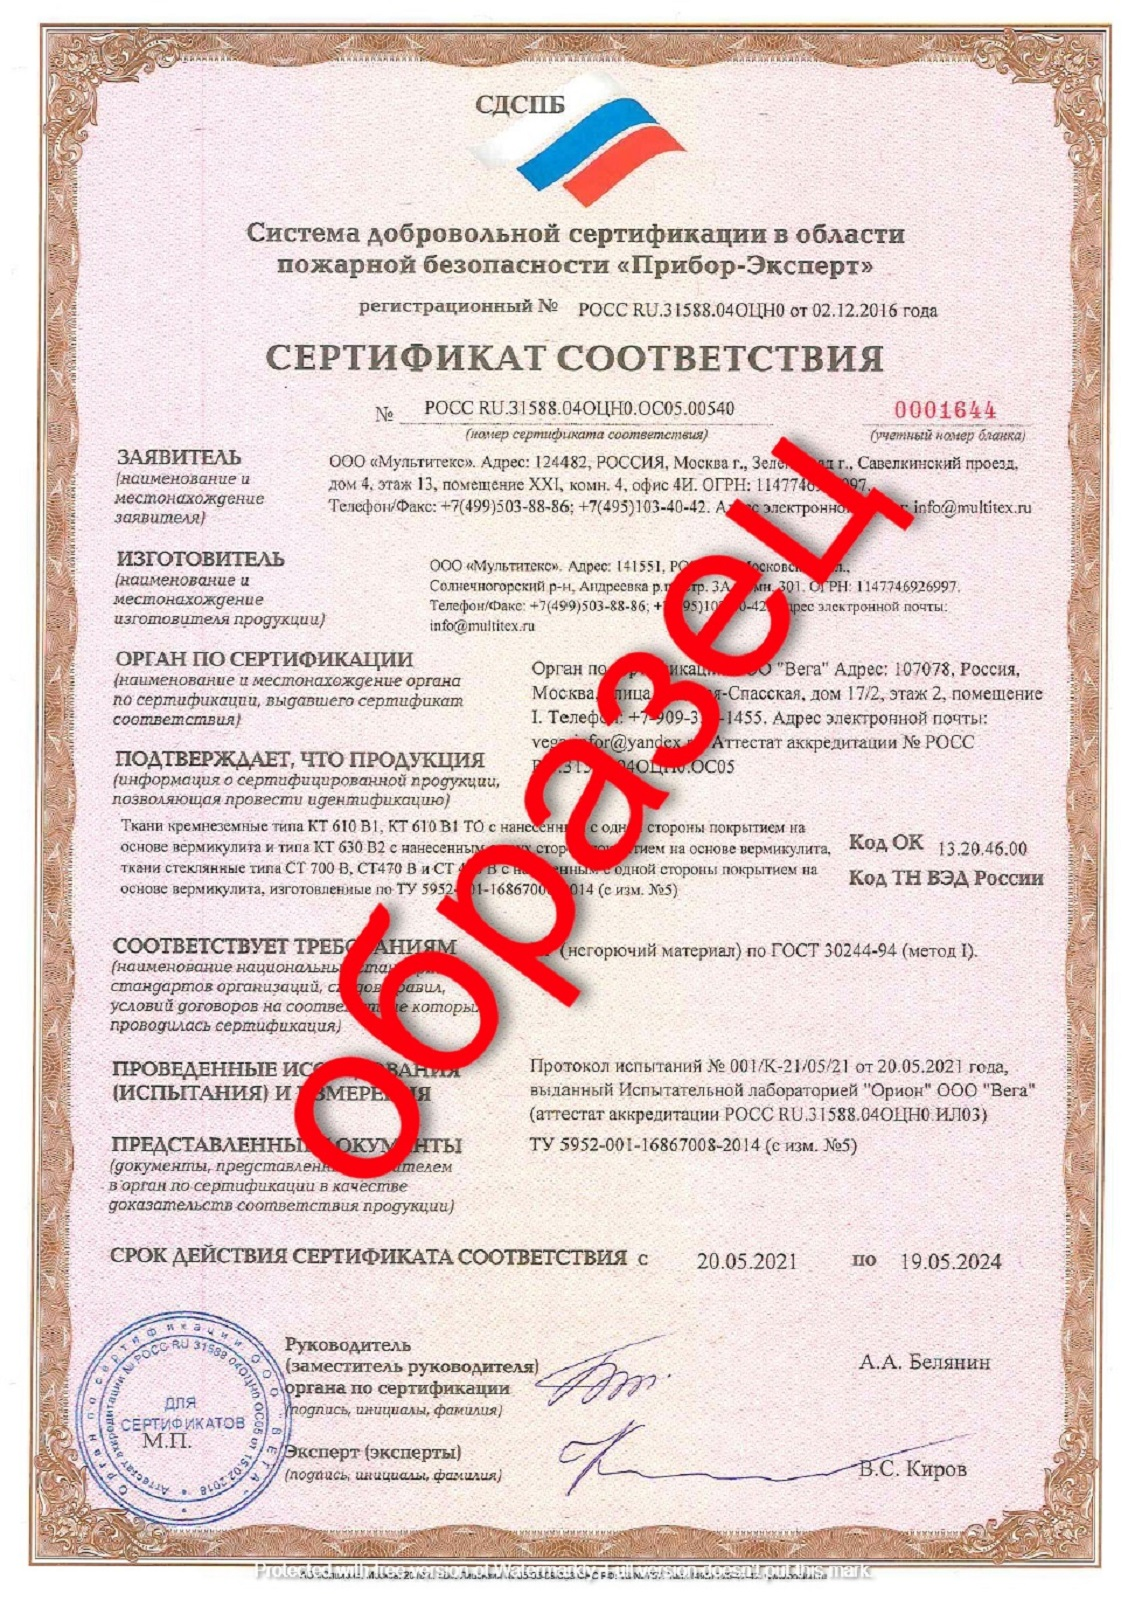 """Сертификат пожарной безопасности на ткани """"Мультитекс"""" с покрытием на основе вермикулита"""